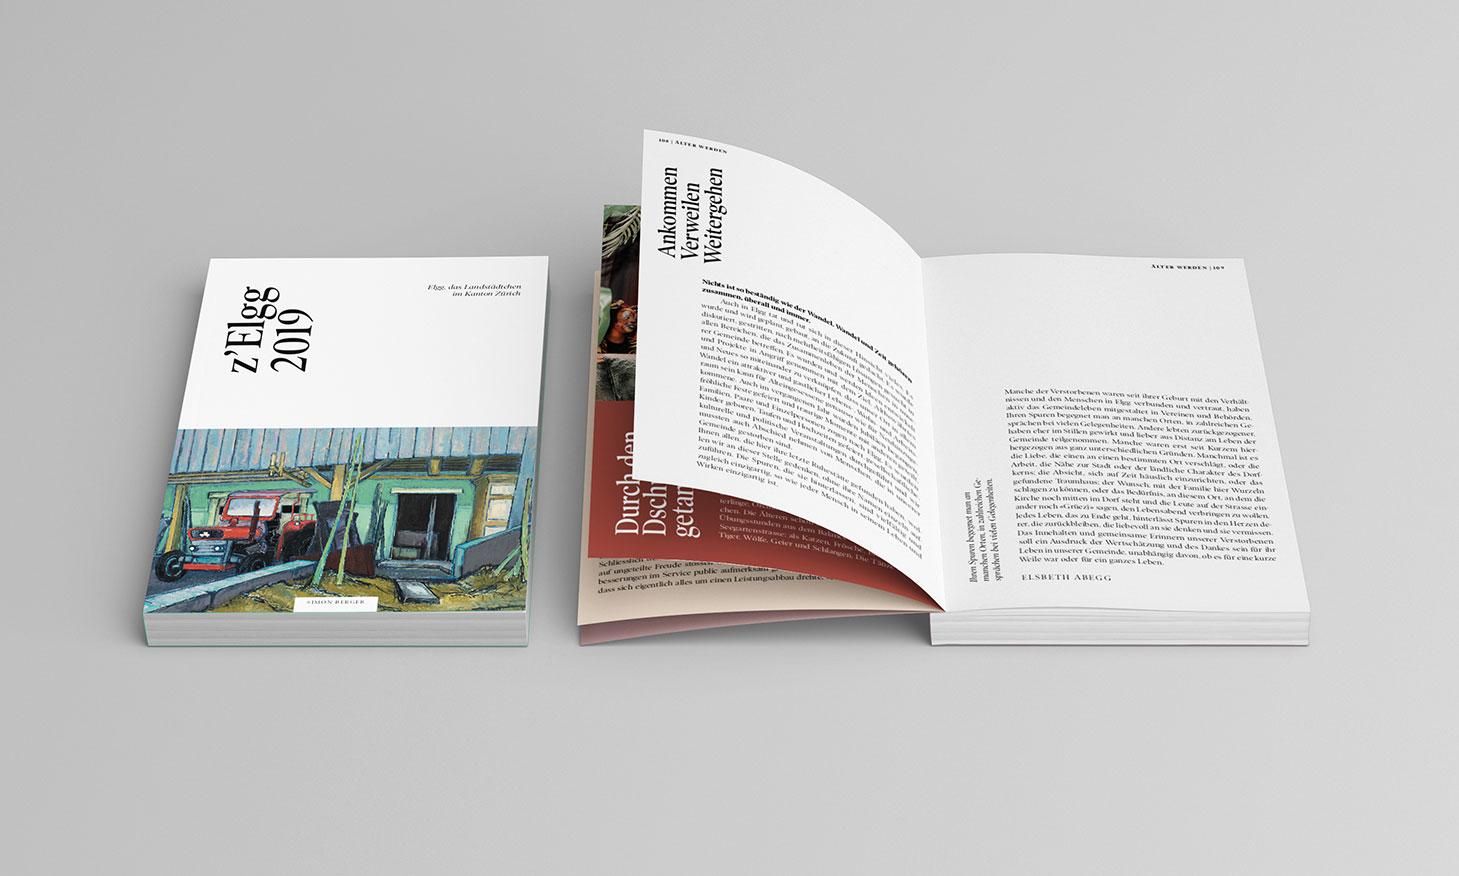 zelgg-editorialdesign-Werbeagentur-Gasser-Miesch--St.-Gallen